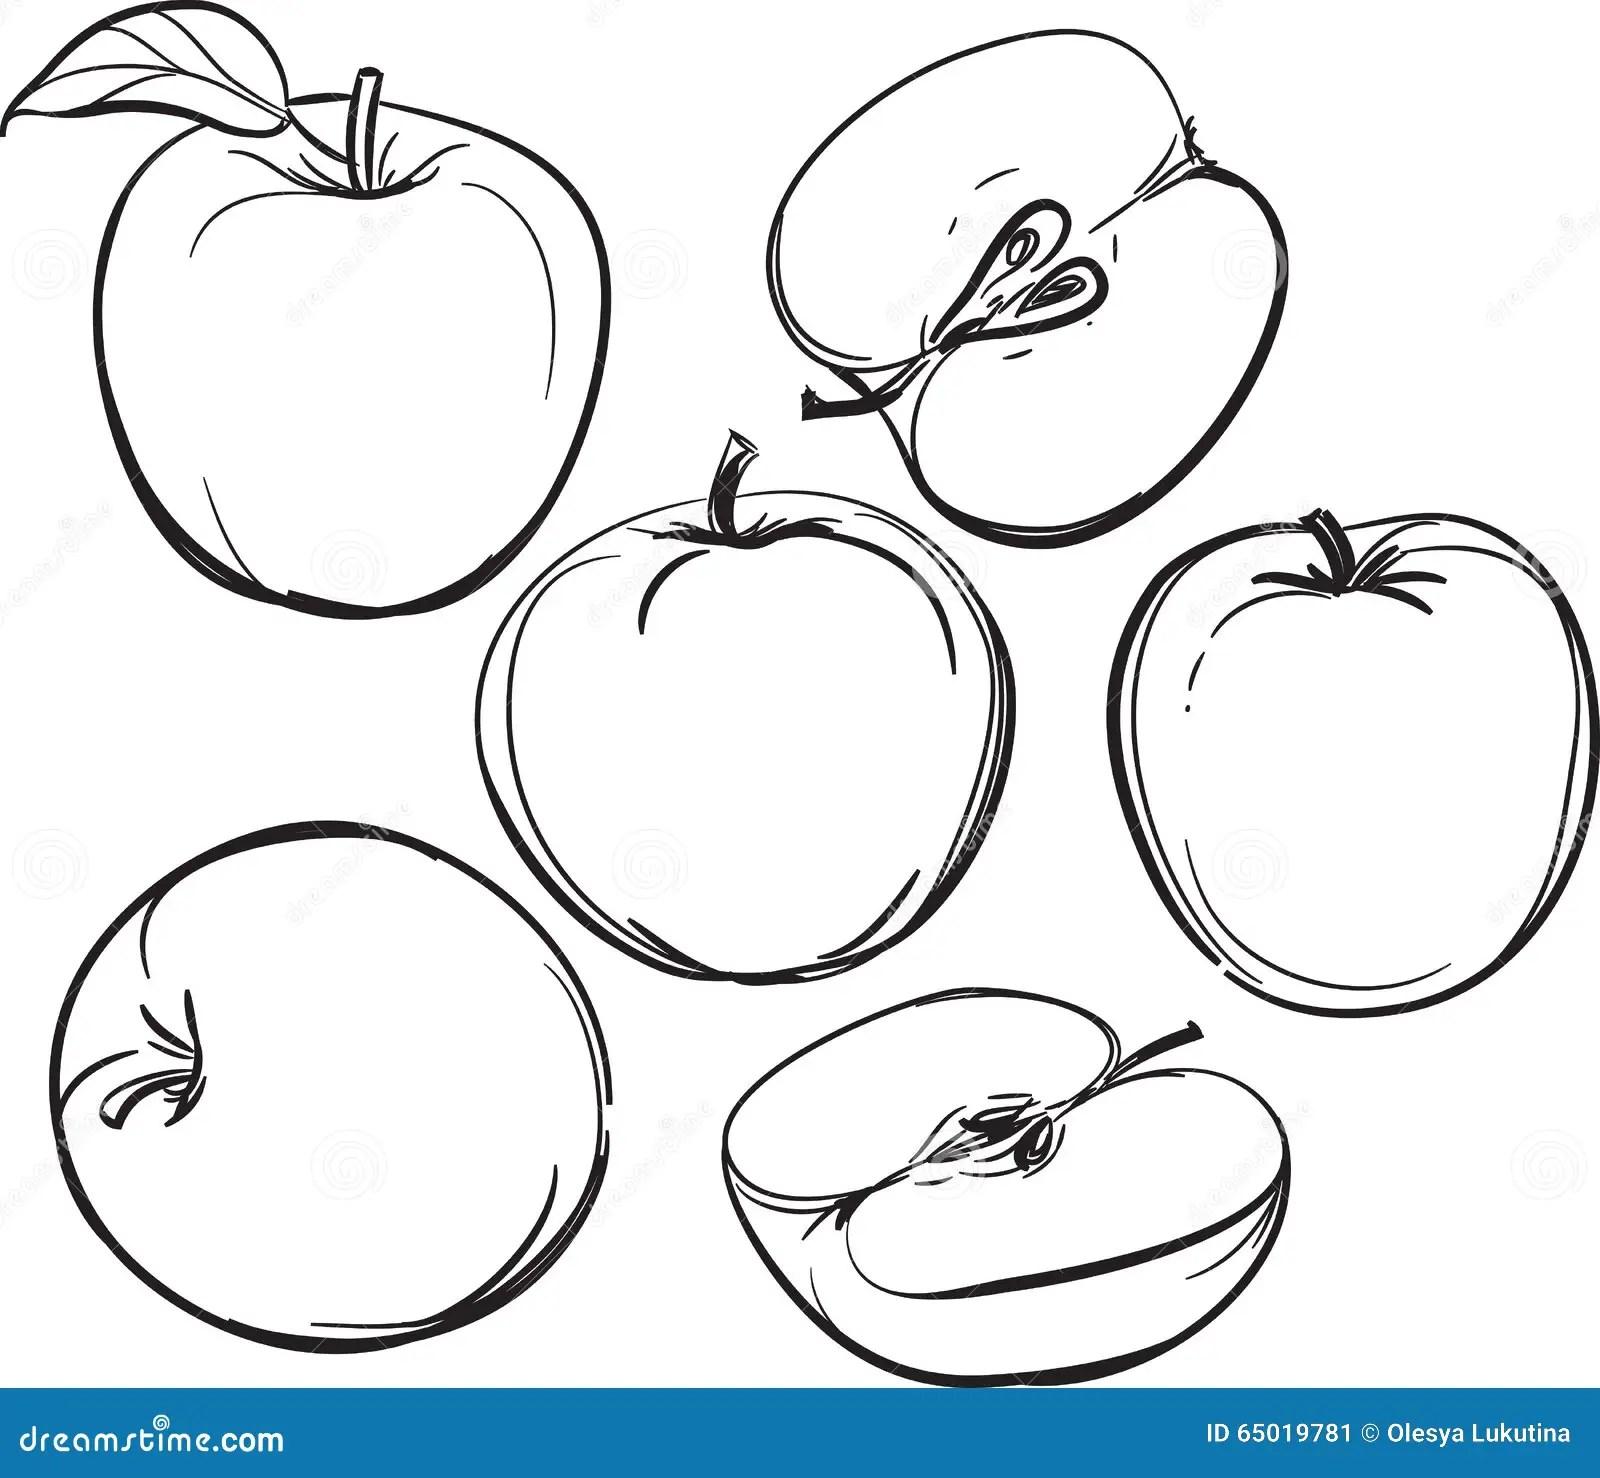 Apple Lijntekening Van Appelen Op Een Witte Achtergrond